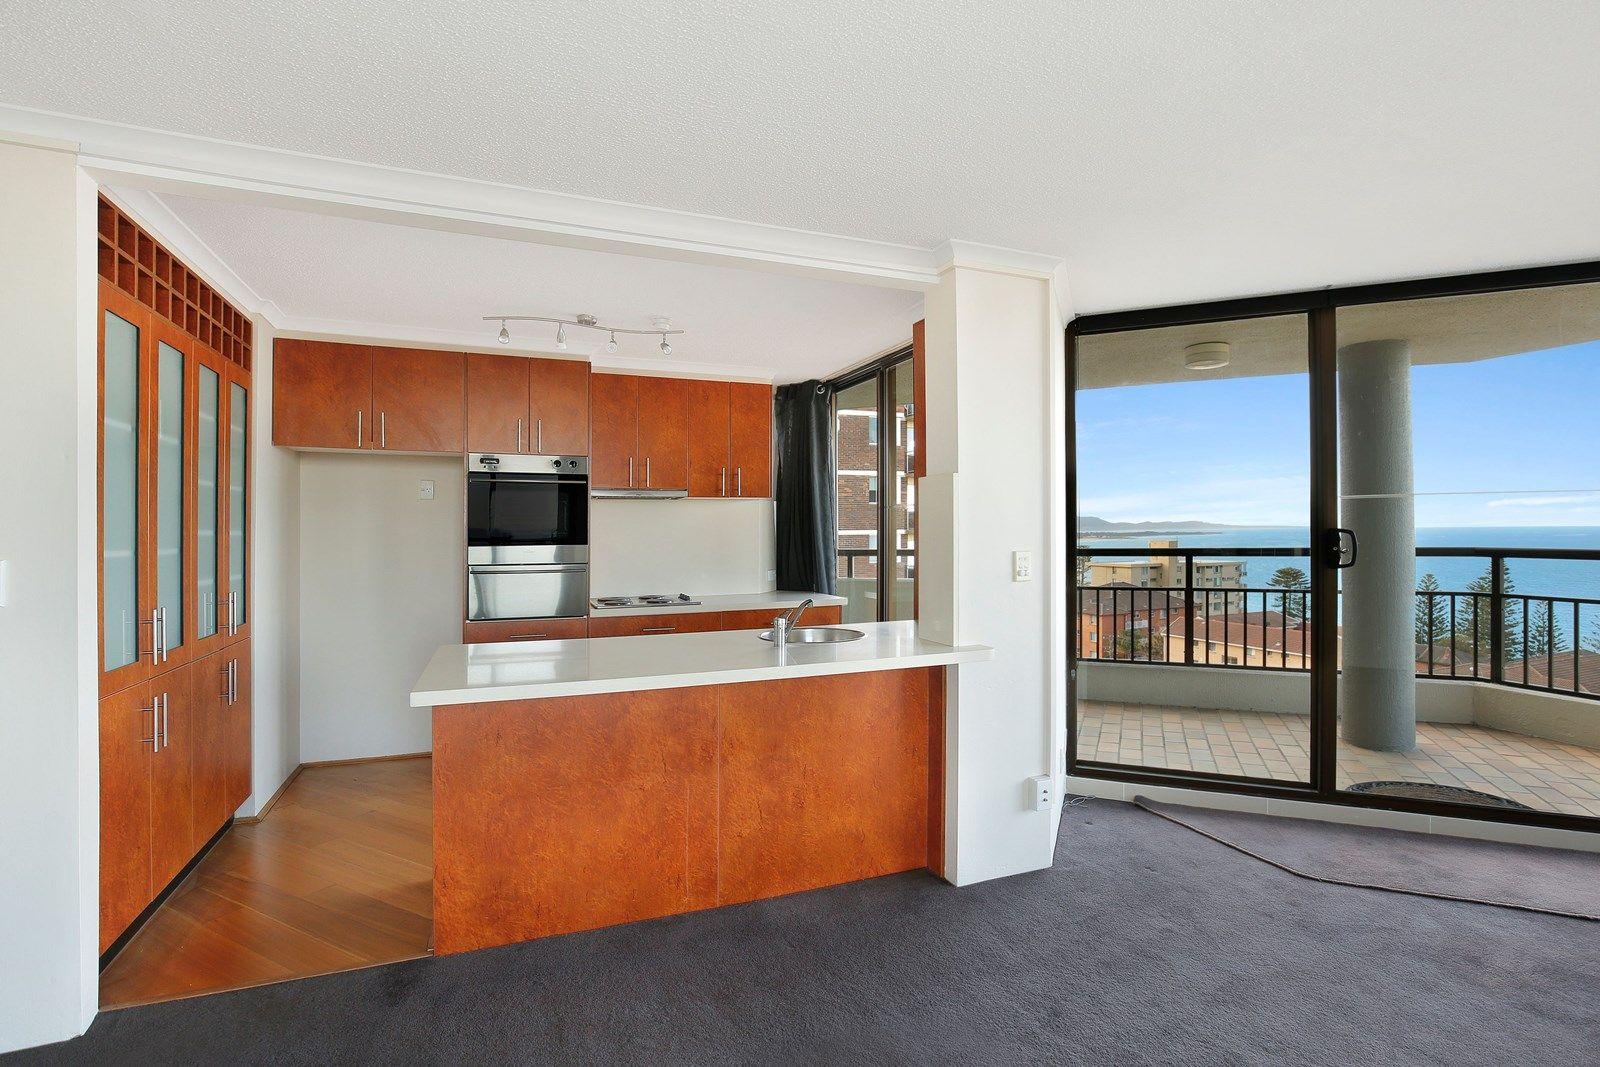 36/22-26 Corrimal Street, Wollongong NSW 2500, Image 1